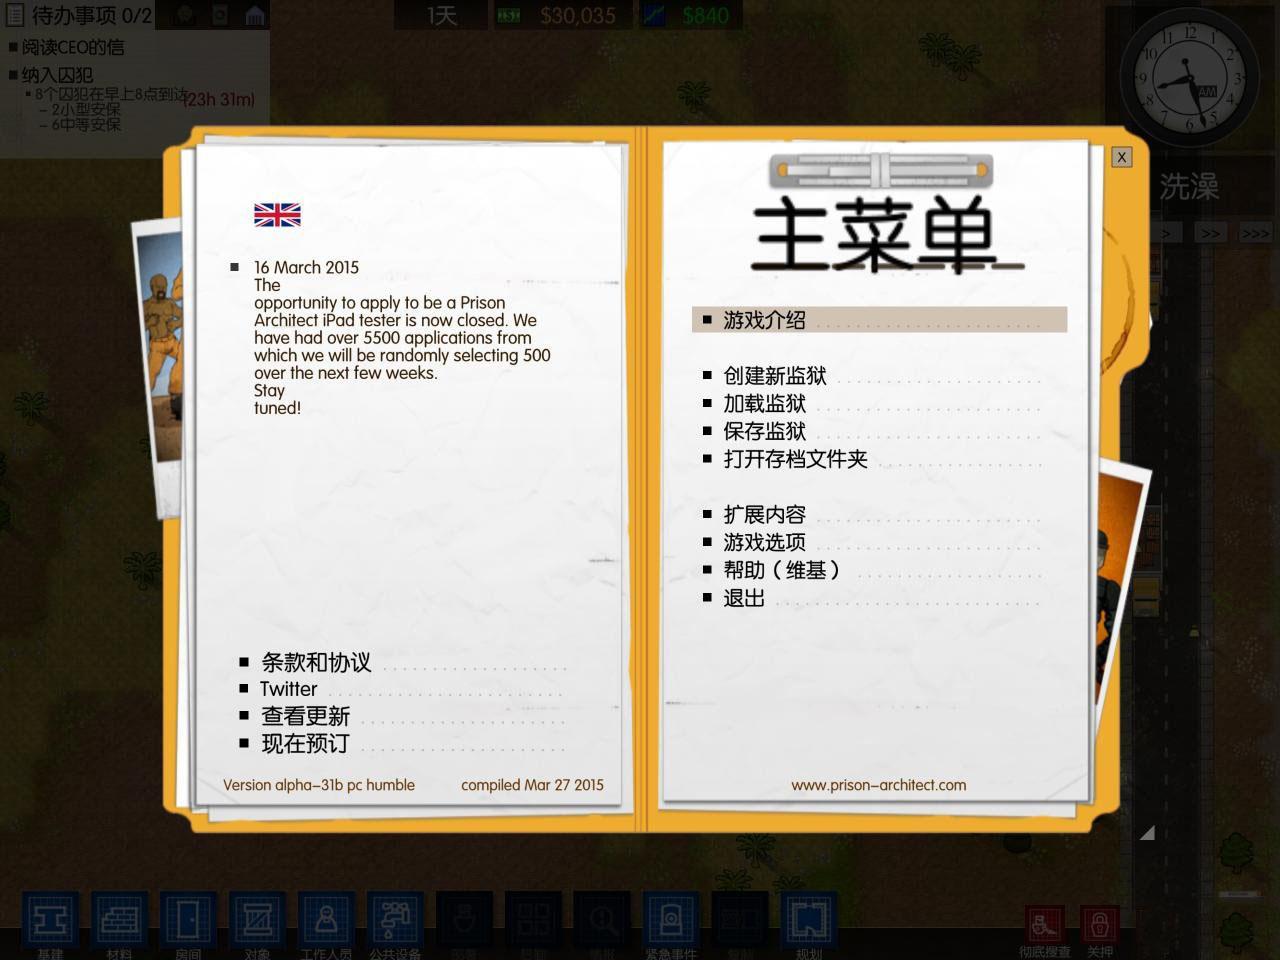 监狱建筑师 Prison Architect for Mac 1.0 激活版 - 监狱主题模拟经营类游戏